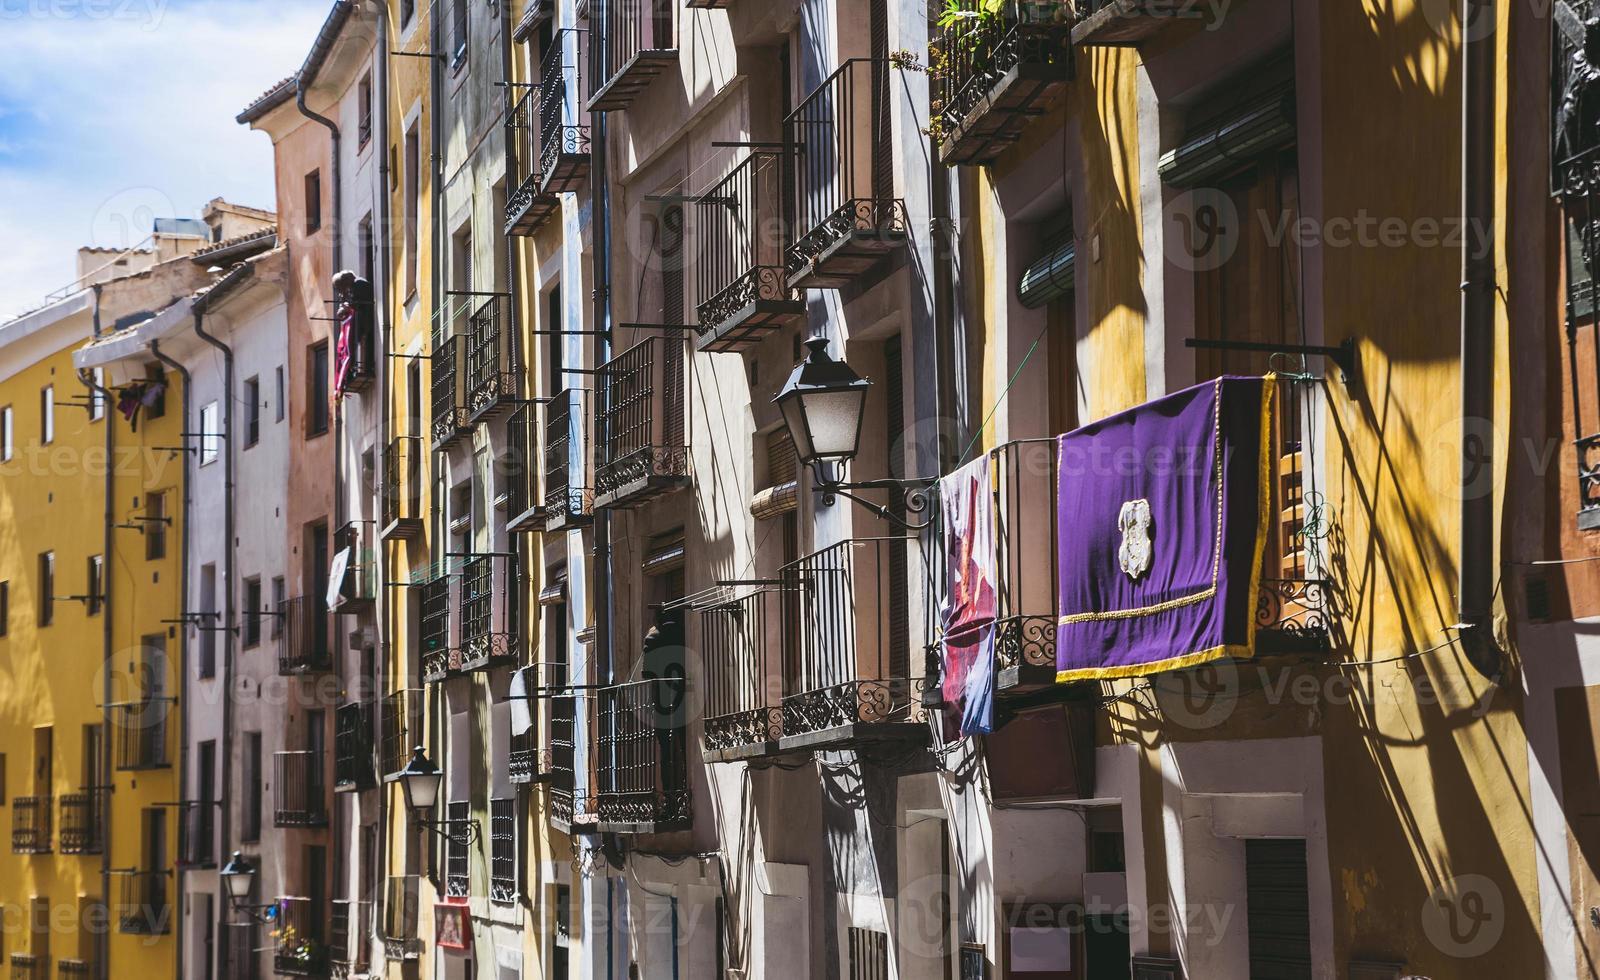 splendida vista di case colorate a cuenca, in spagna foto